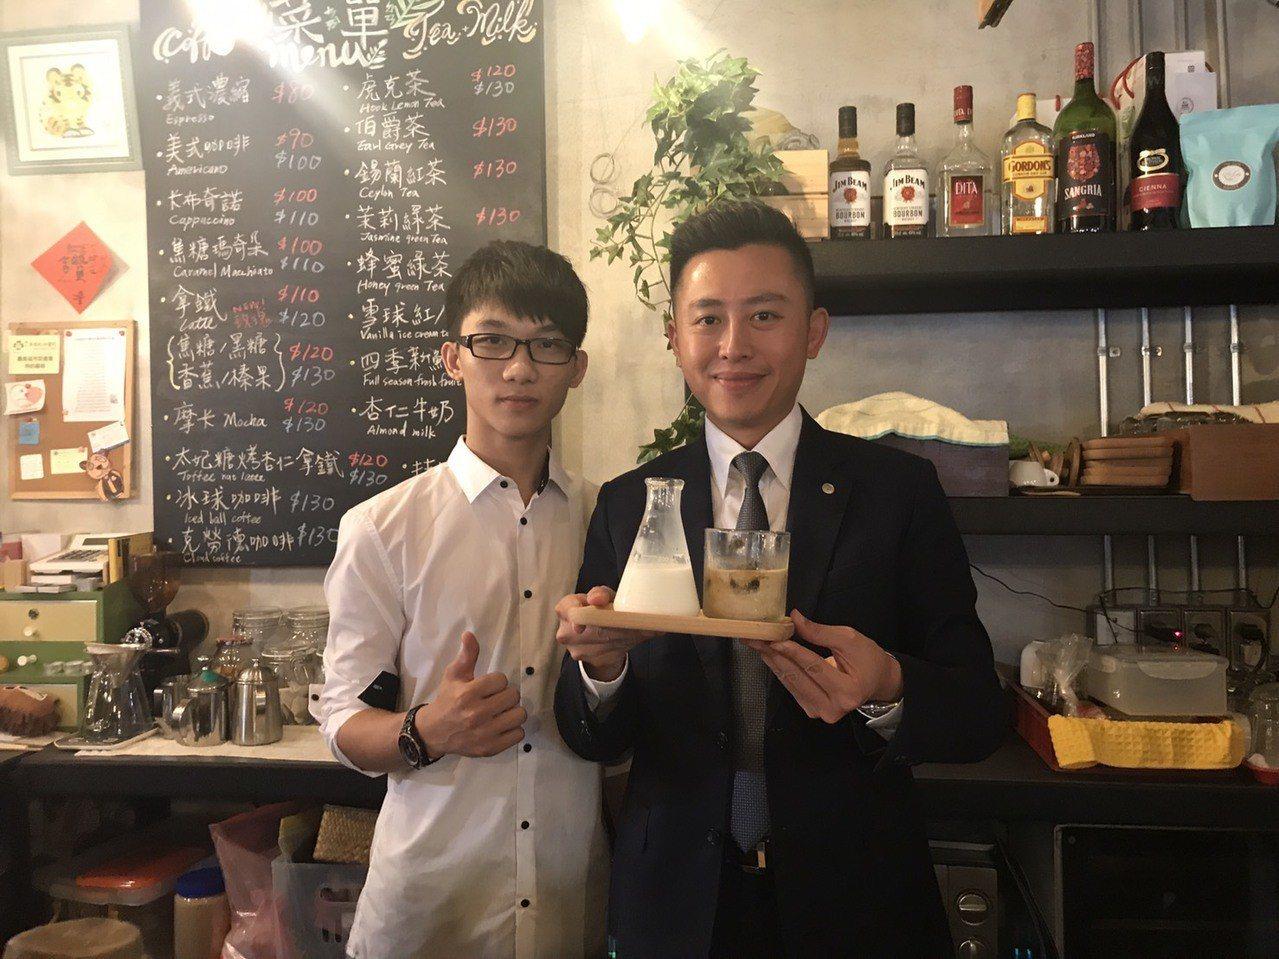 市長林智堅(右)與飲室繪友店長陳俊逸,品嘗店內招牌咖啡。記者張雅婷/攝影